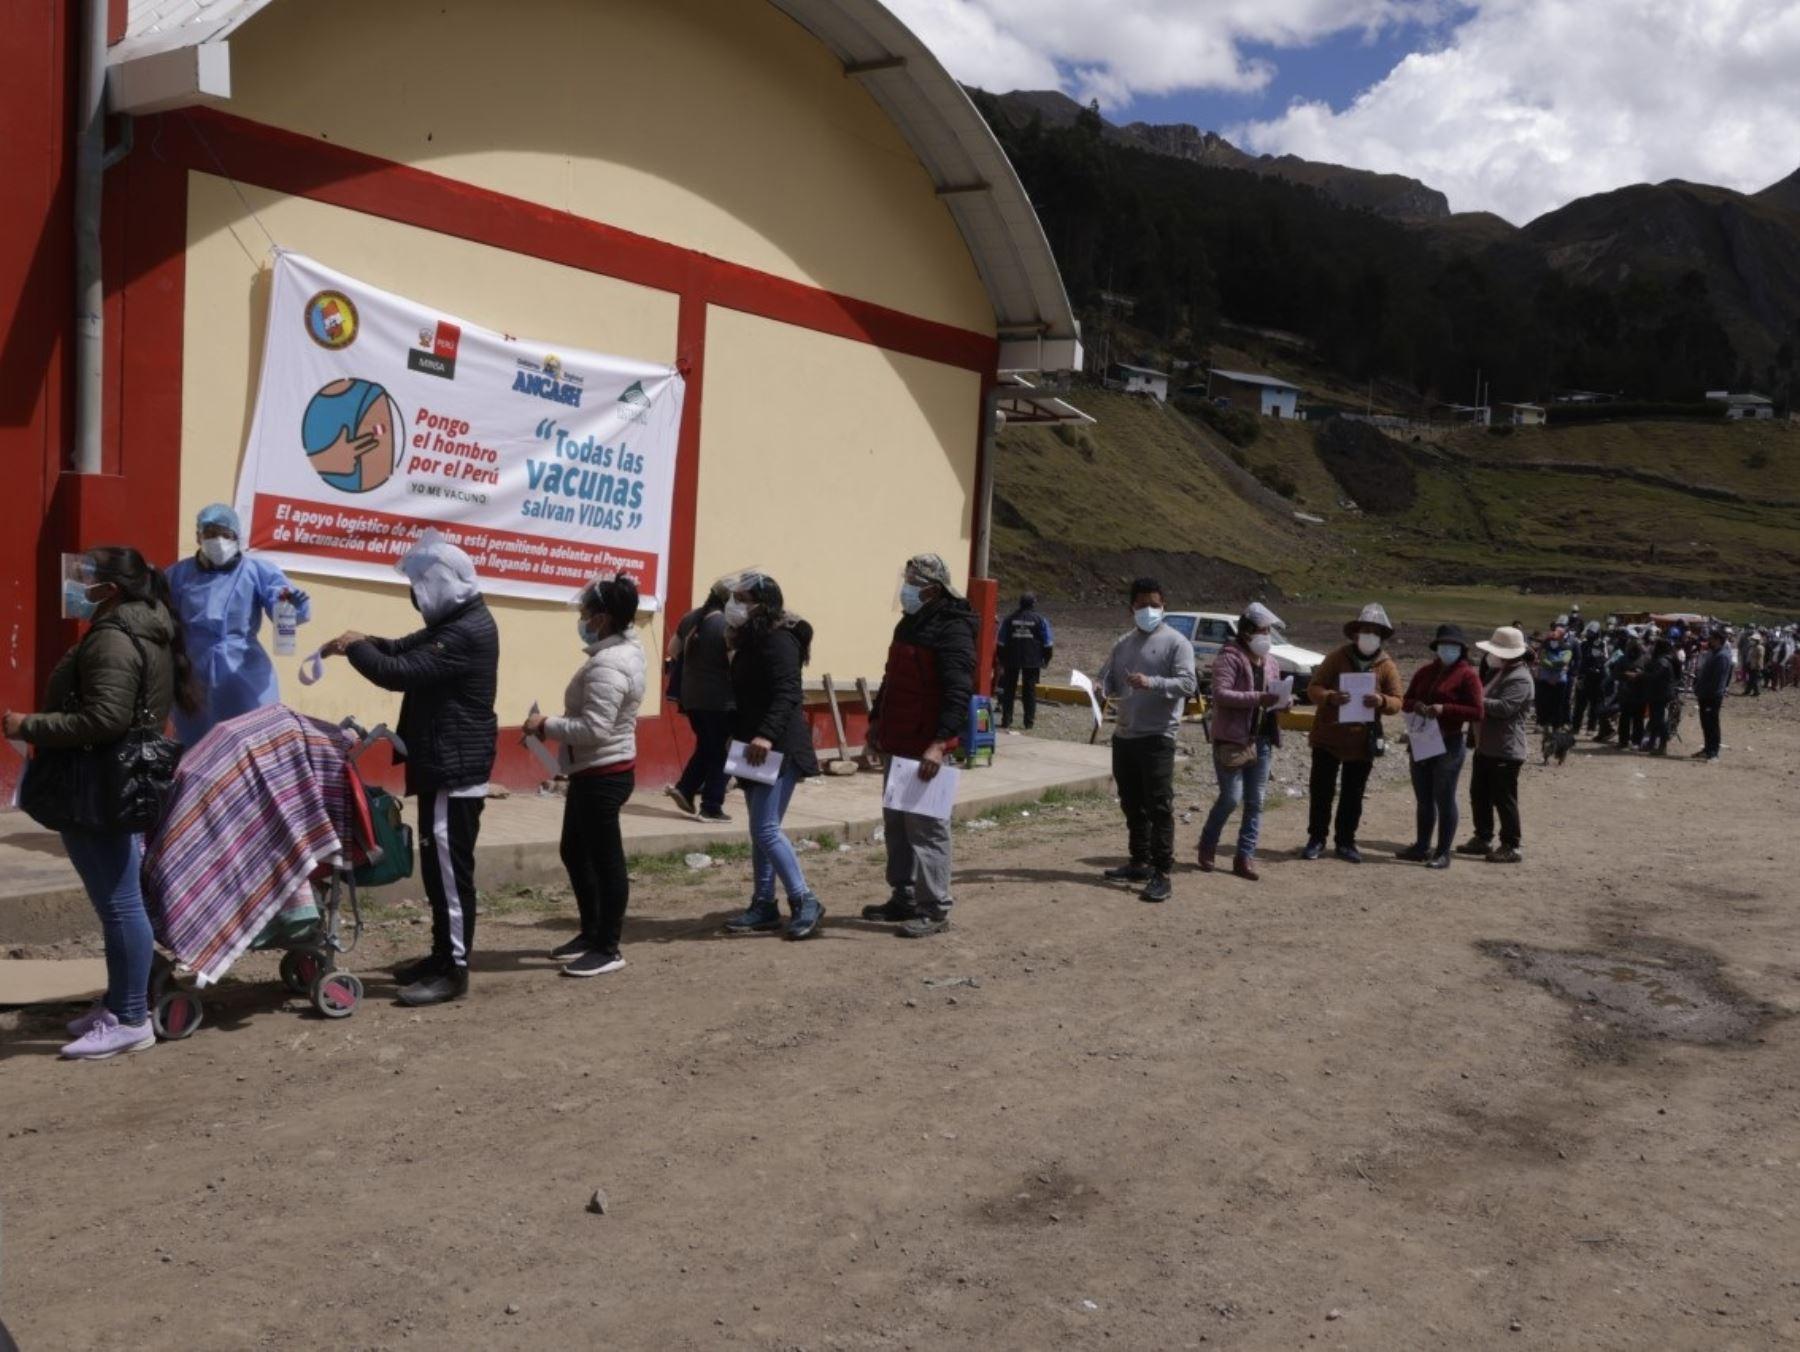 Destacan avance de la aplicación de la vacuna contra la covid-19 a mayores de 18 años que viven en comunidades campesinas de Áncash. ANDINA/Difusión